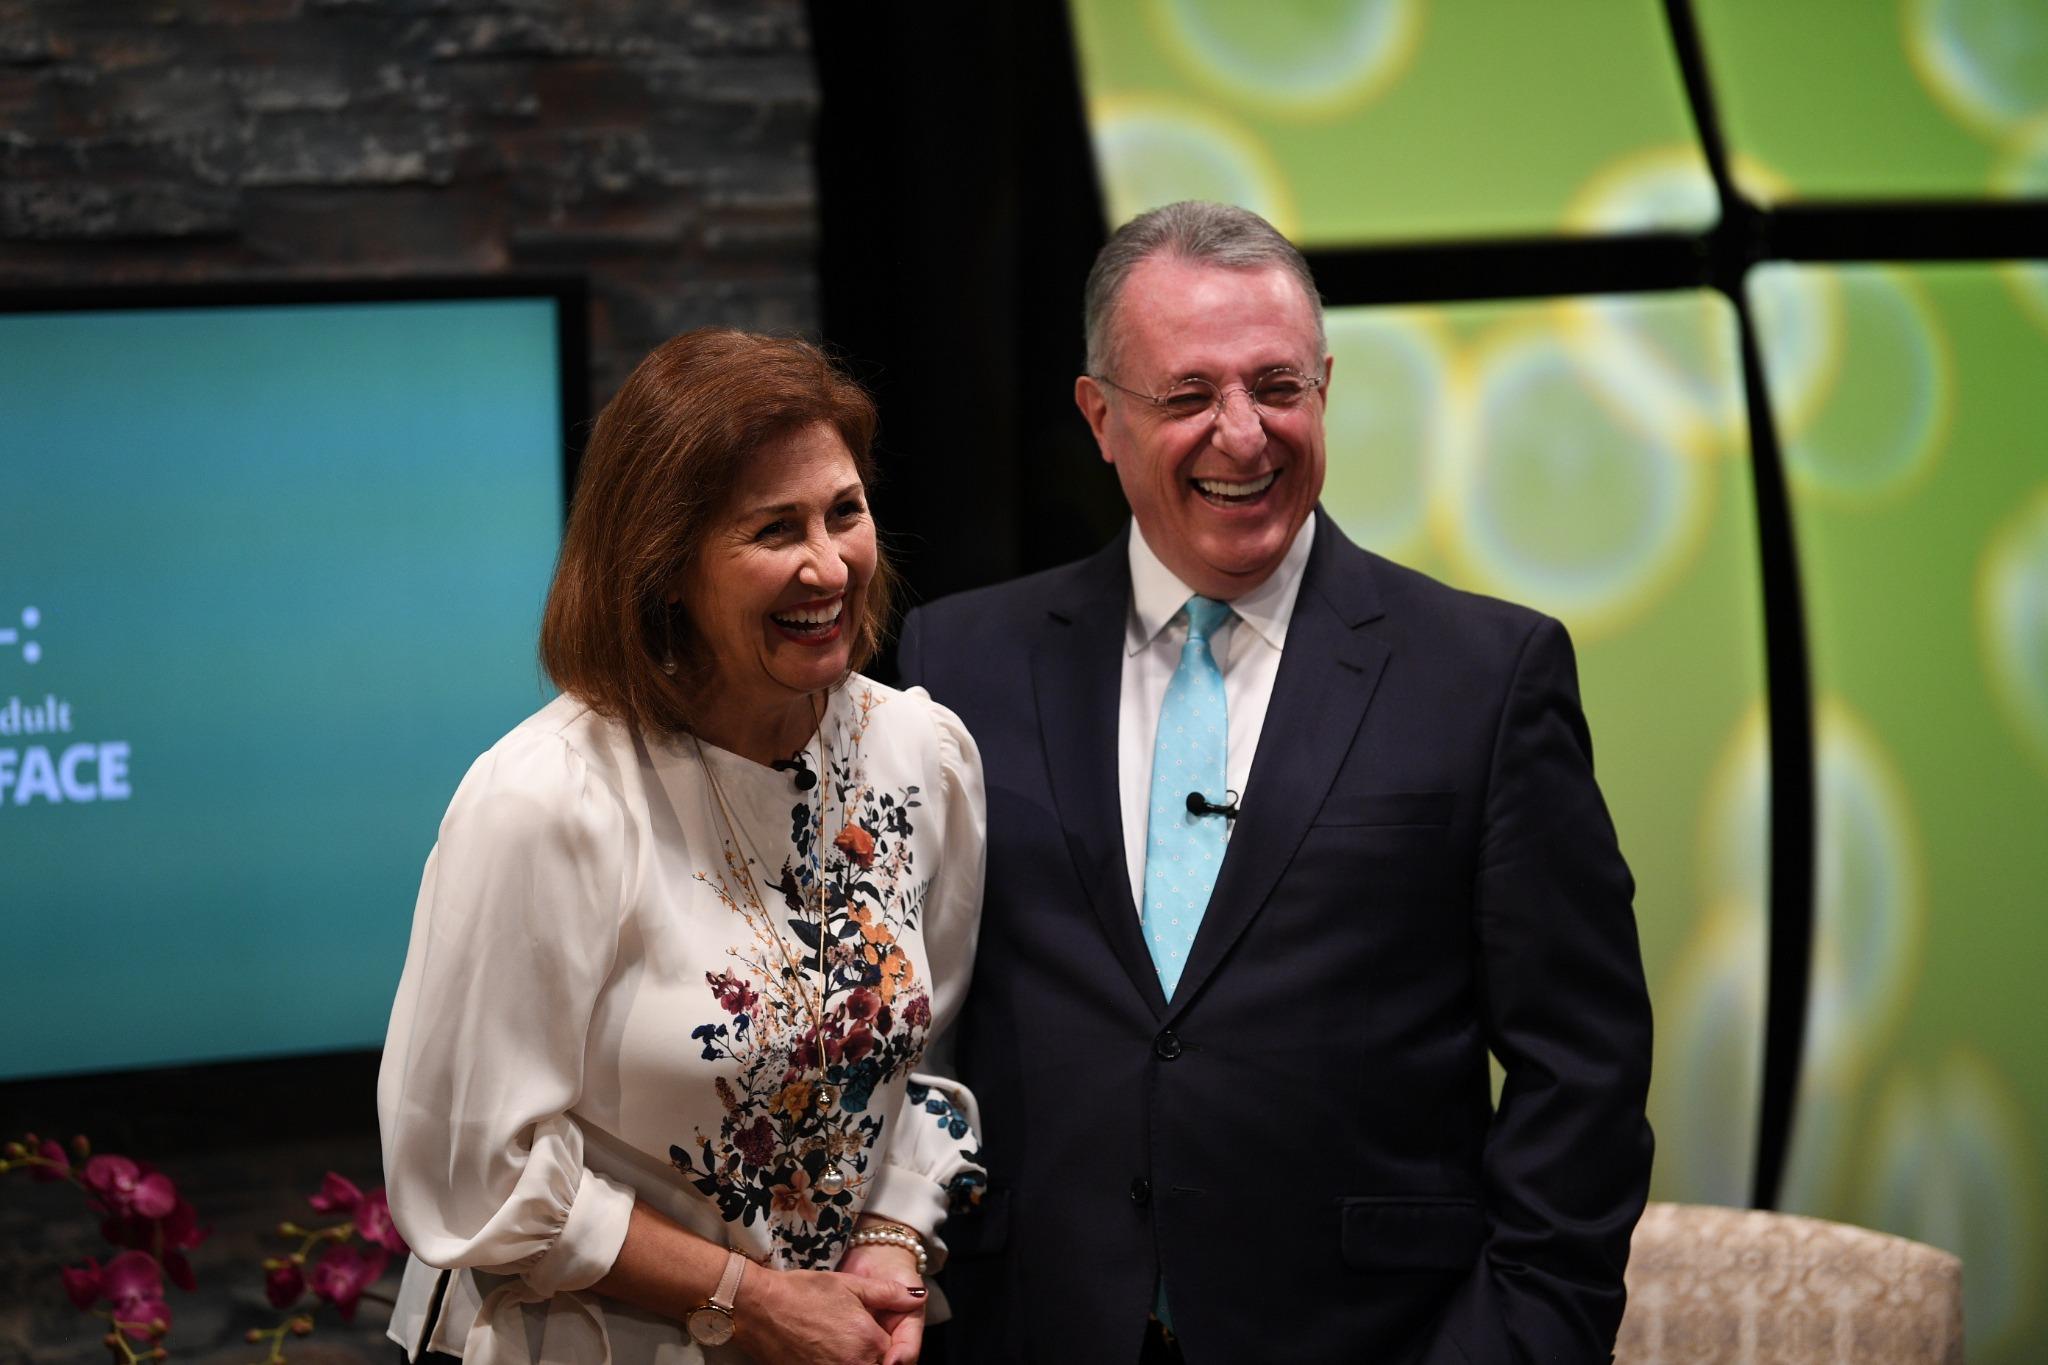 O élder Ulisses Soares, do Quórum dos Doze Apóstolos, apresenta a esposa, Rosana, ao público de jovens adultos no Devocional Mundial Cara a Cara transmitido no domingo, 15 de setembro de 2019.